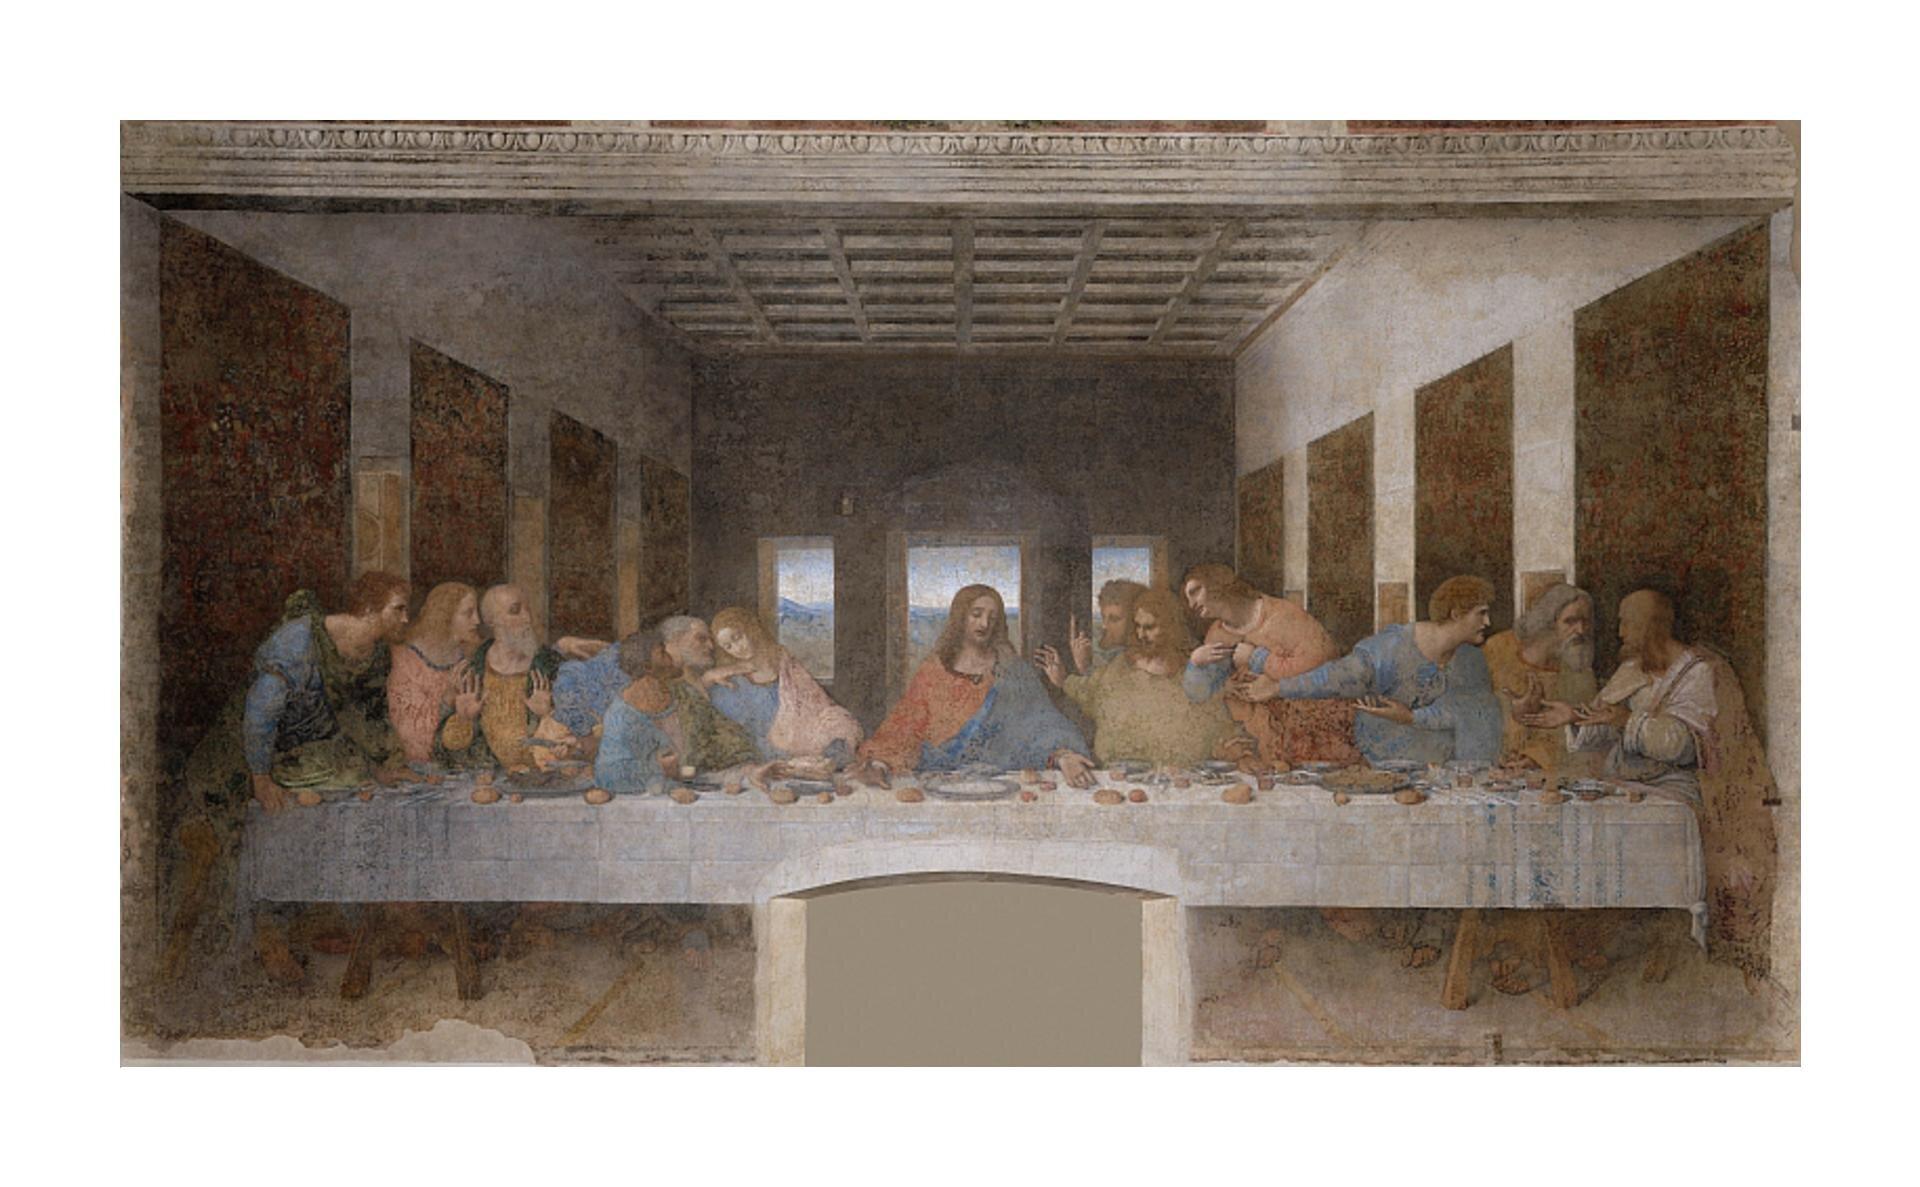 Fresk przedstawia moment, wktórym Jezus ogłasza, iż jeden zapostołów go zdradzi. Wprzestrzennej sali znajduje się wielki stół, za którym zasiada trzynaście postaci zwróconych twarzami wstronę odbiorcy. Jezus siedzi na środku odziany wczerwoną ibłękitną szatę. Jest to wieczerza, ana stole przykrytym białym obrusem stoją naczynia ibochenki chleba. Jezus ma rozłożone ręce, które wskazują na chleb. Pozostali żywo ze sobą rozmawiają. Apostołowie są podzieleni na cztery grupy po trzech. Ściany isklepienie mają blade odcienie. Na końcu pomieszczenia znajdują się trzy okna.